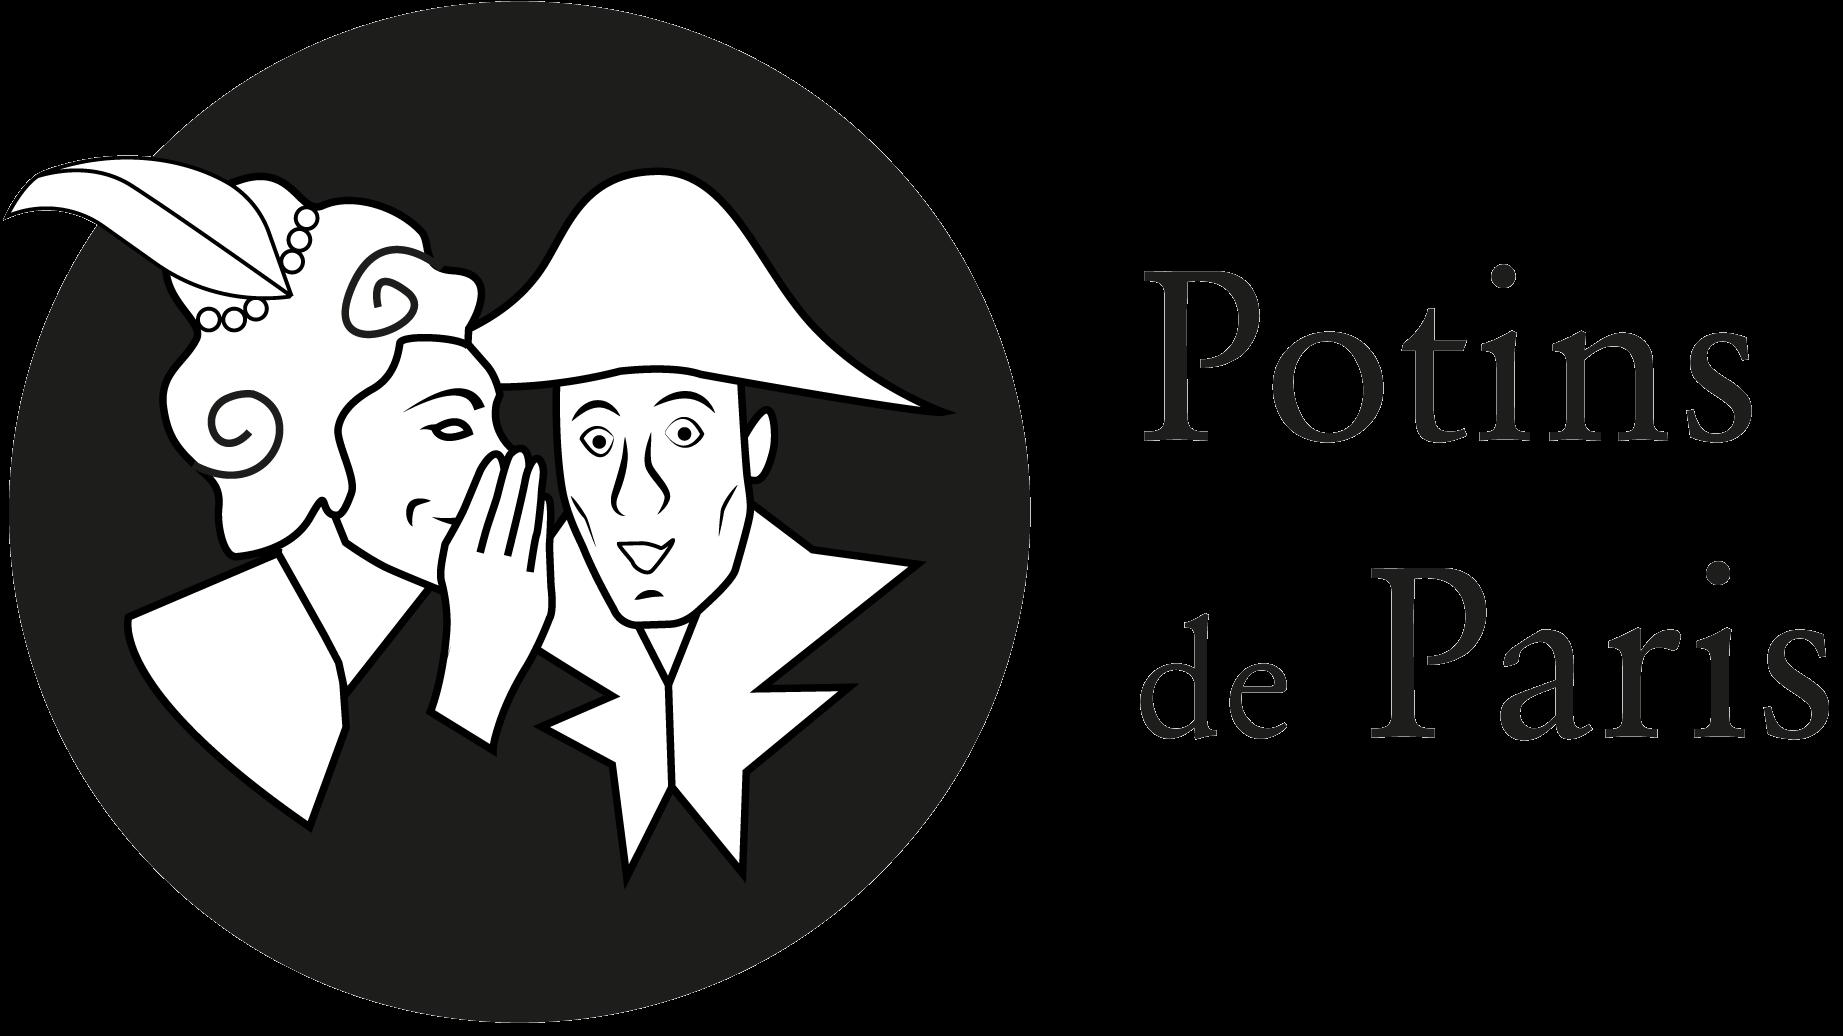 Les Potins de Paris